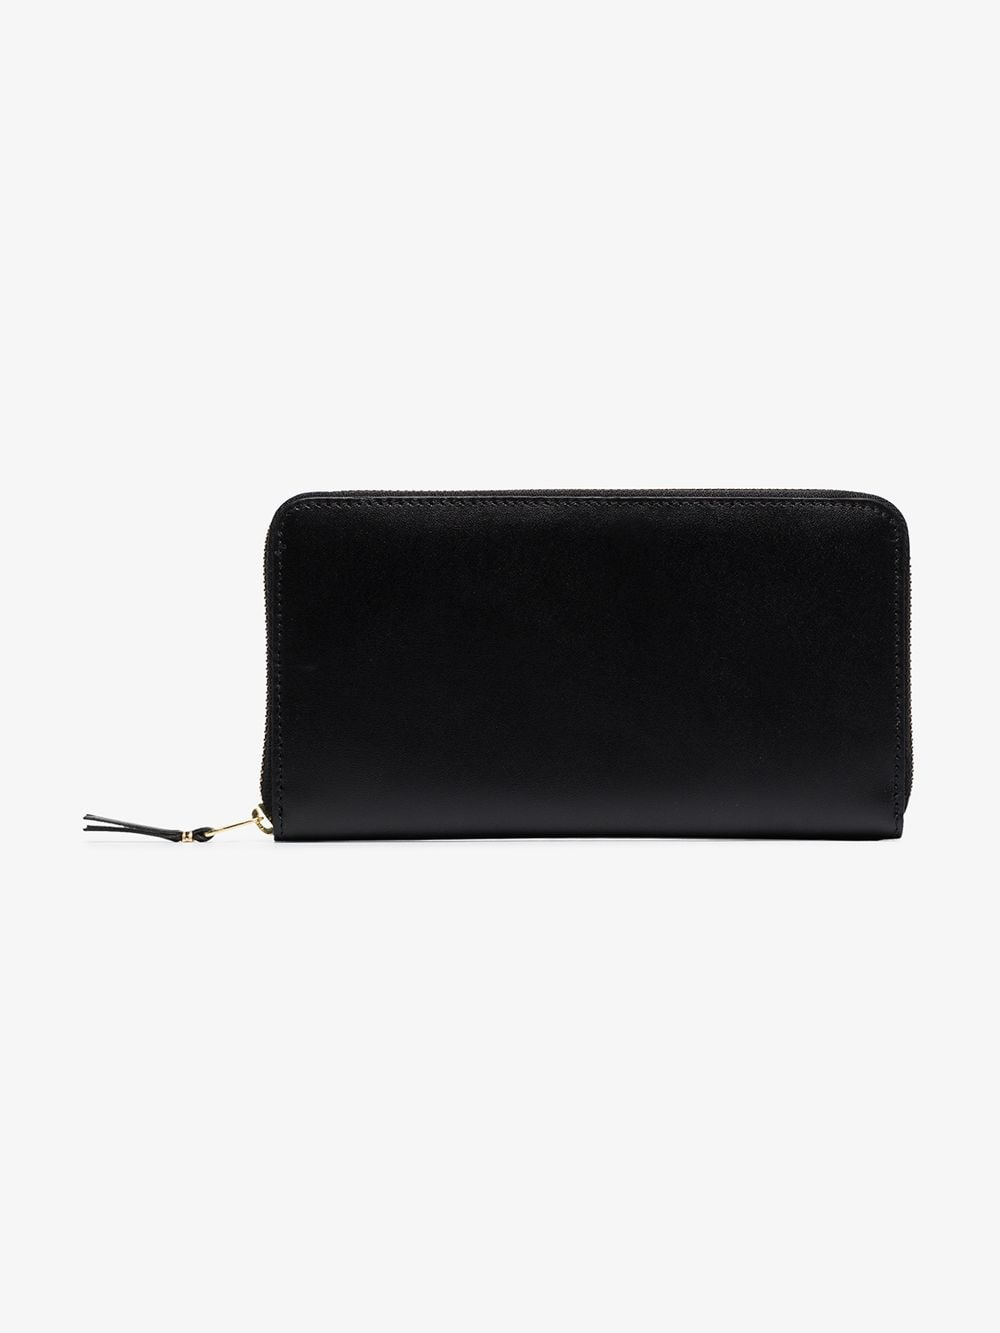 Comme Des Garçons Wallet portafoglio con zip uomo COMME DES GARÇONS WALLET | Portafogli | SA0111800